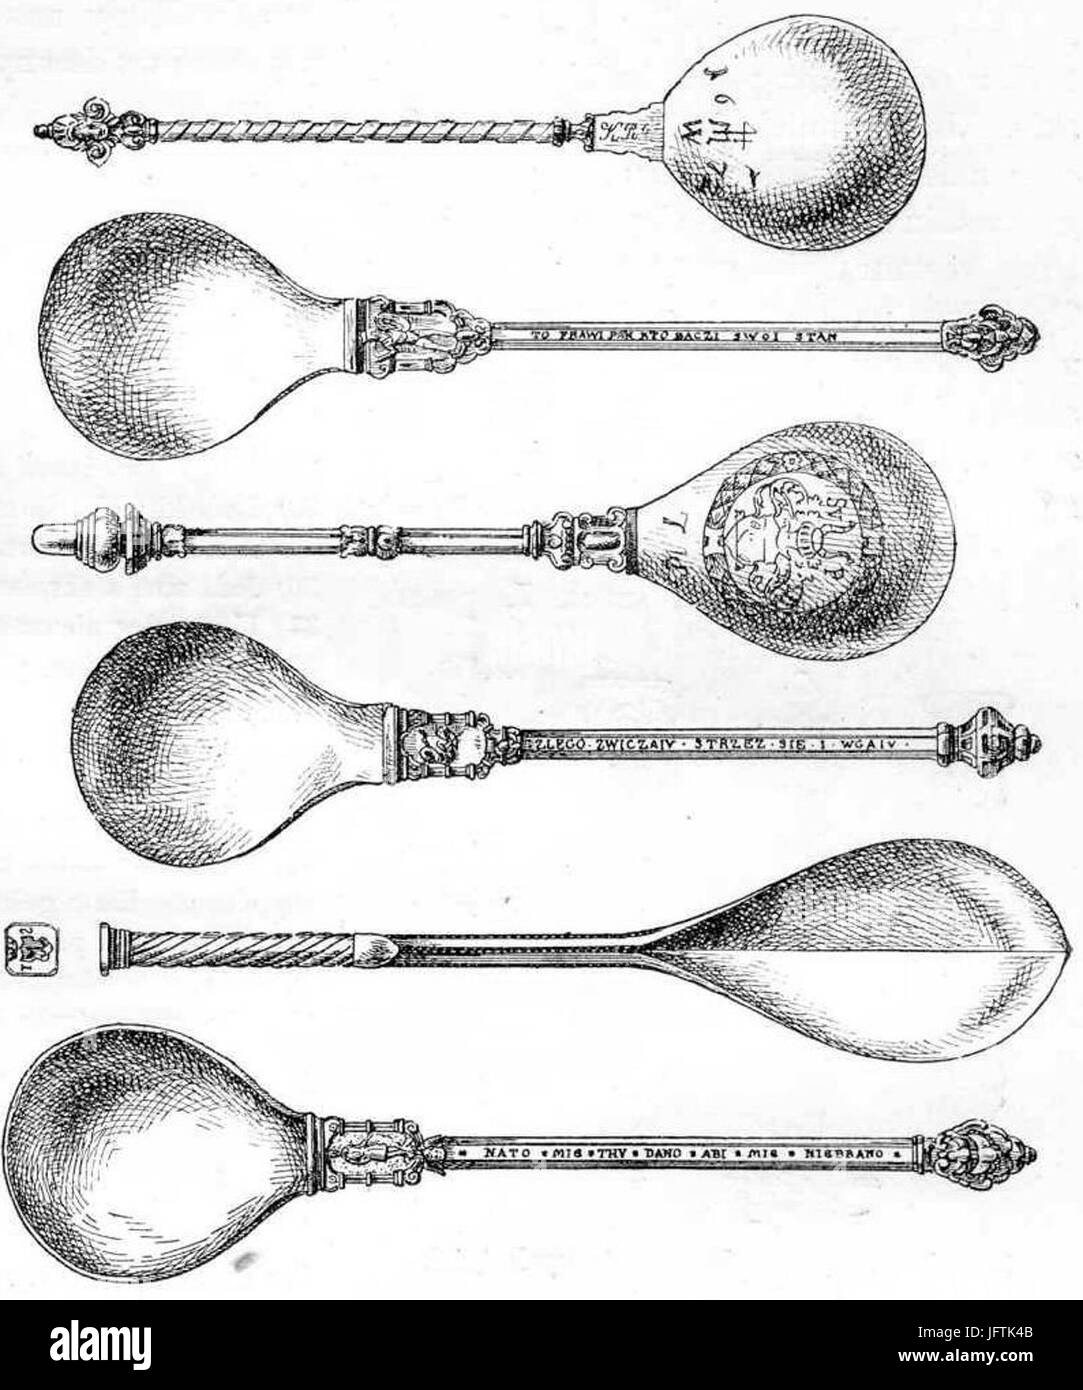 Łyżki starożytne ze zbiorów jeżewskich Stock Photo